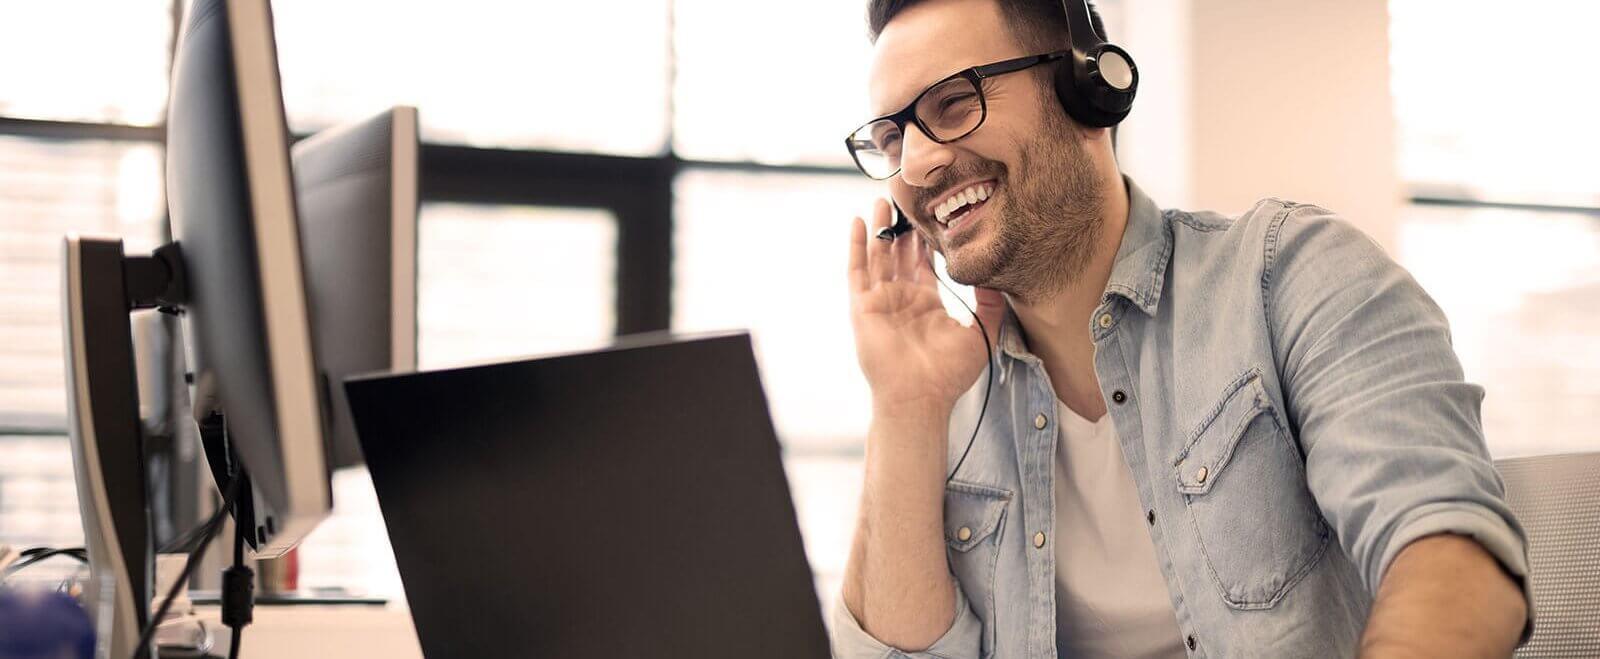 Herausforderung Kundenakquise: 7 schwierige potenzielle Kunden